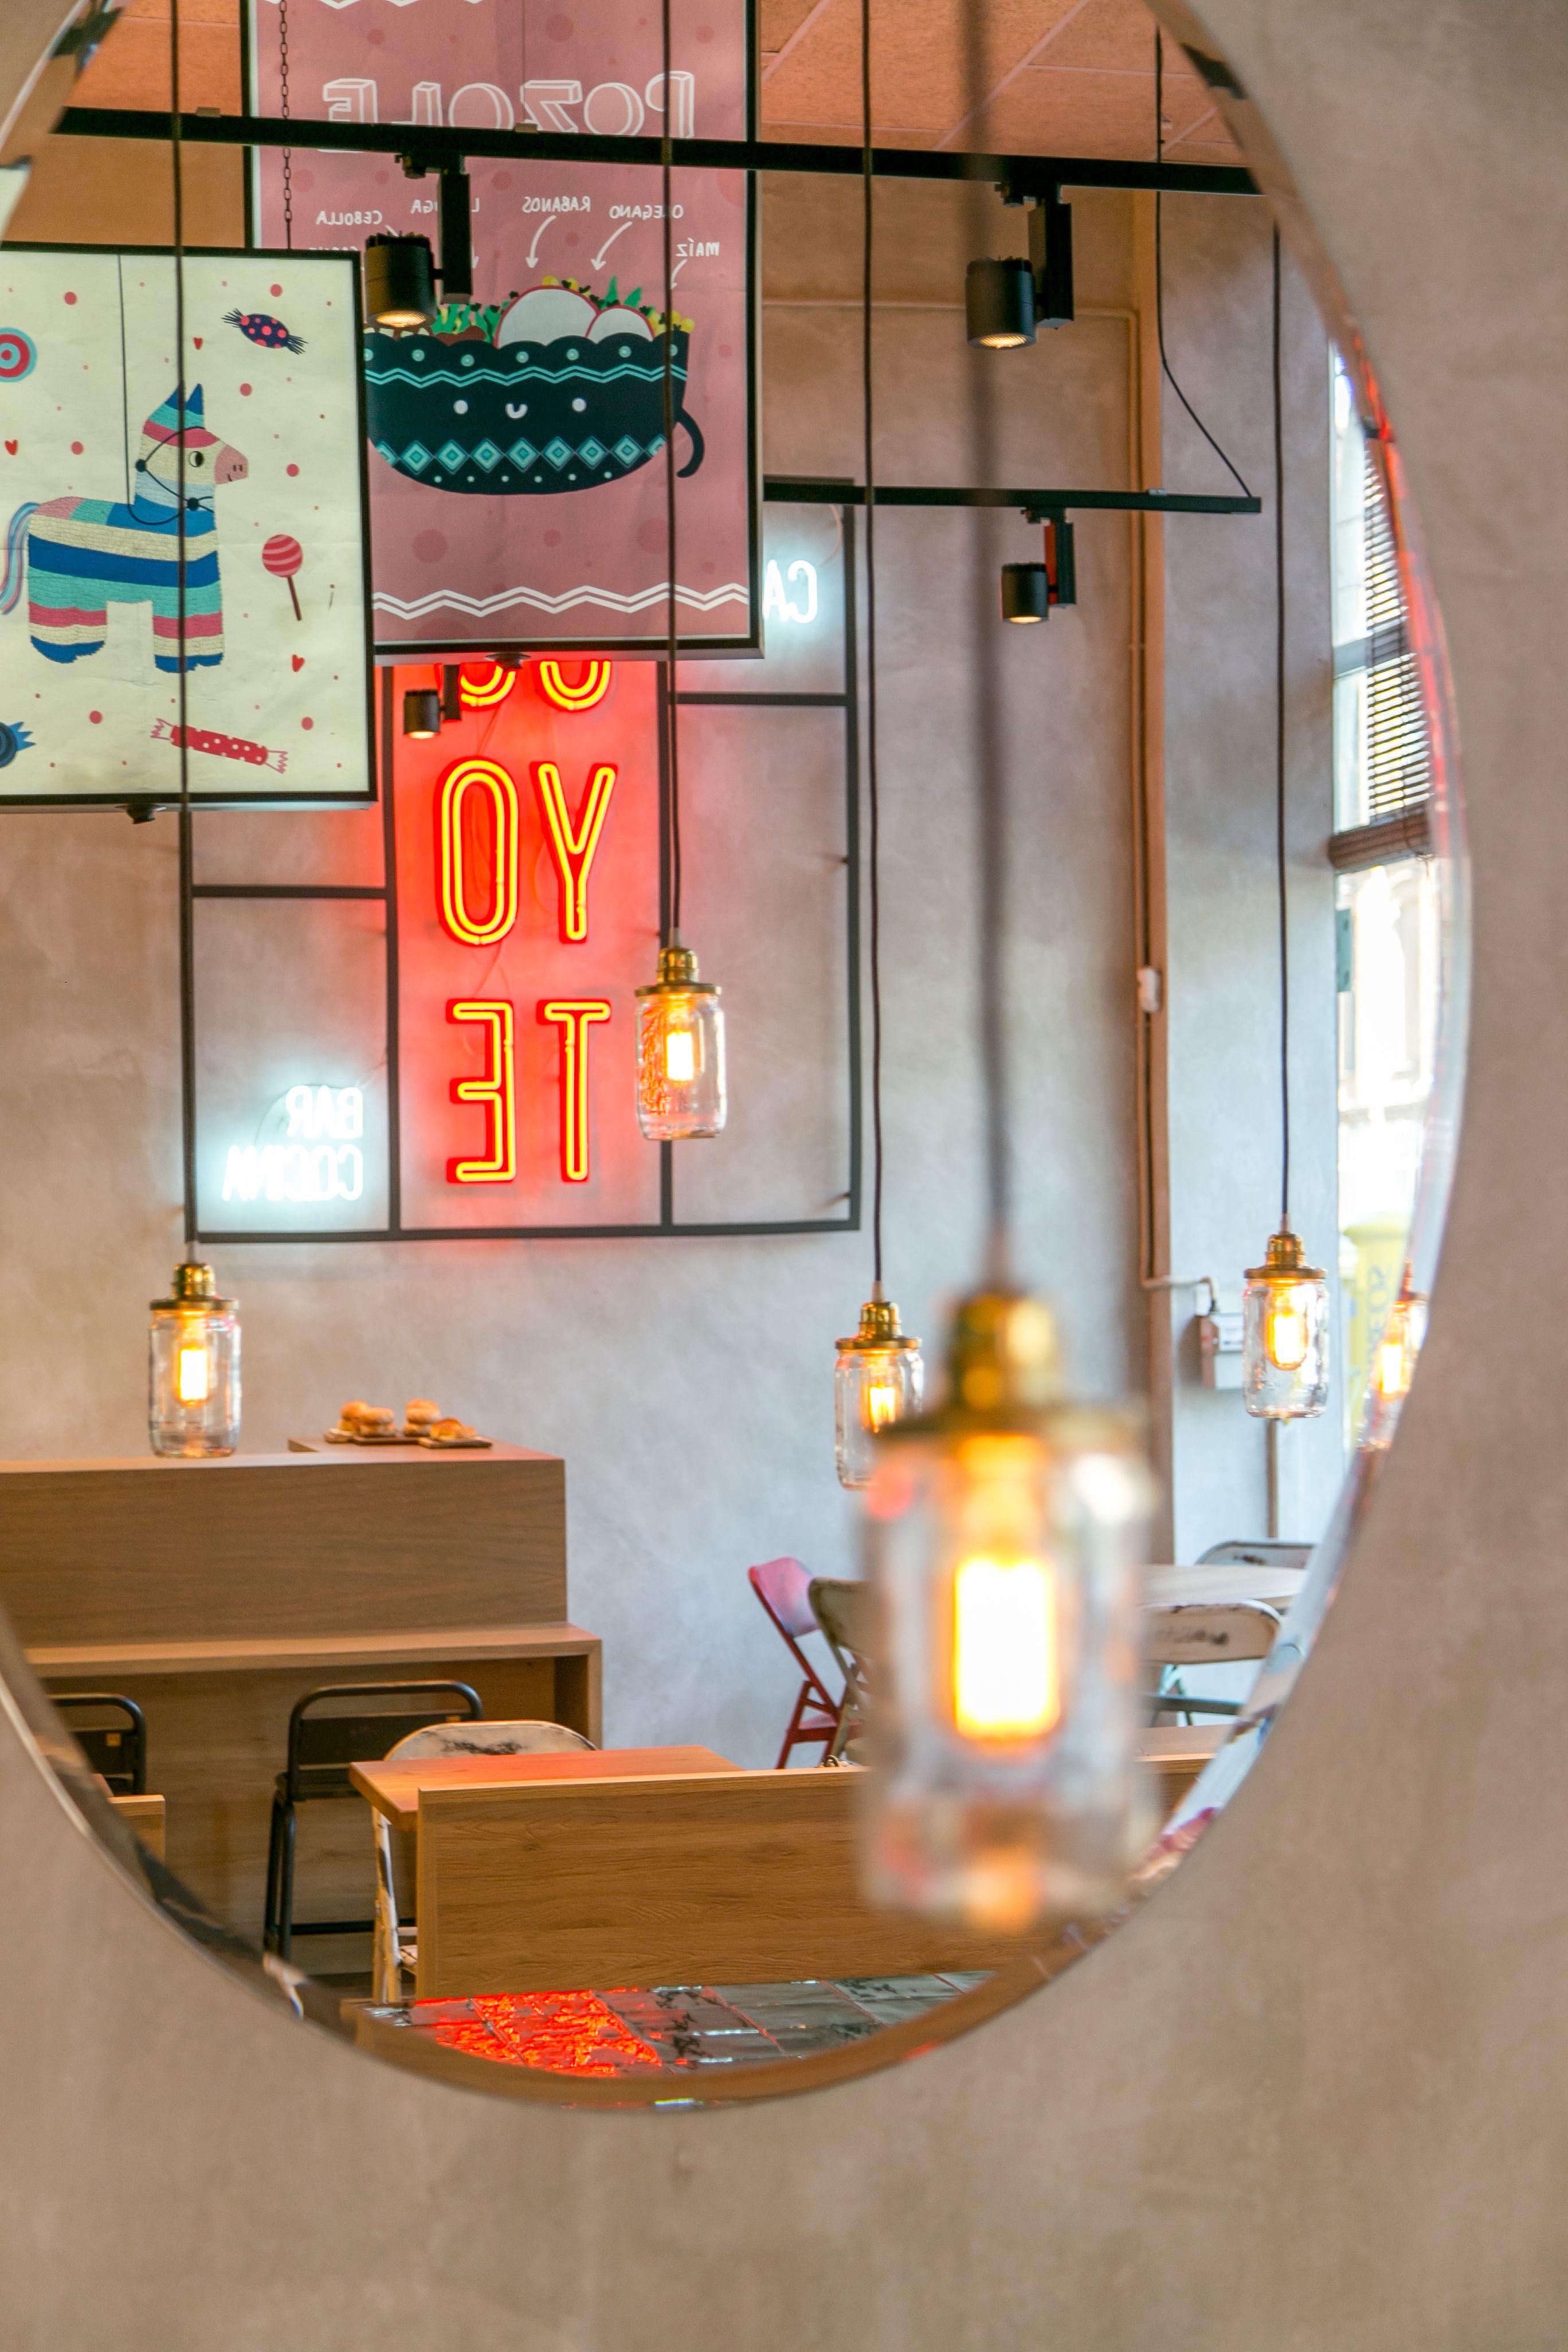 Casa coyote by ppt interiorismo design restaurant interiordesign decor